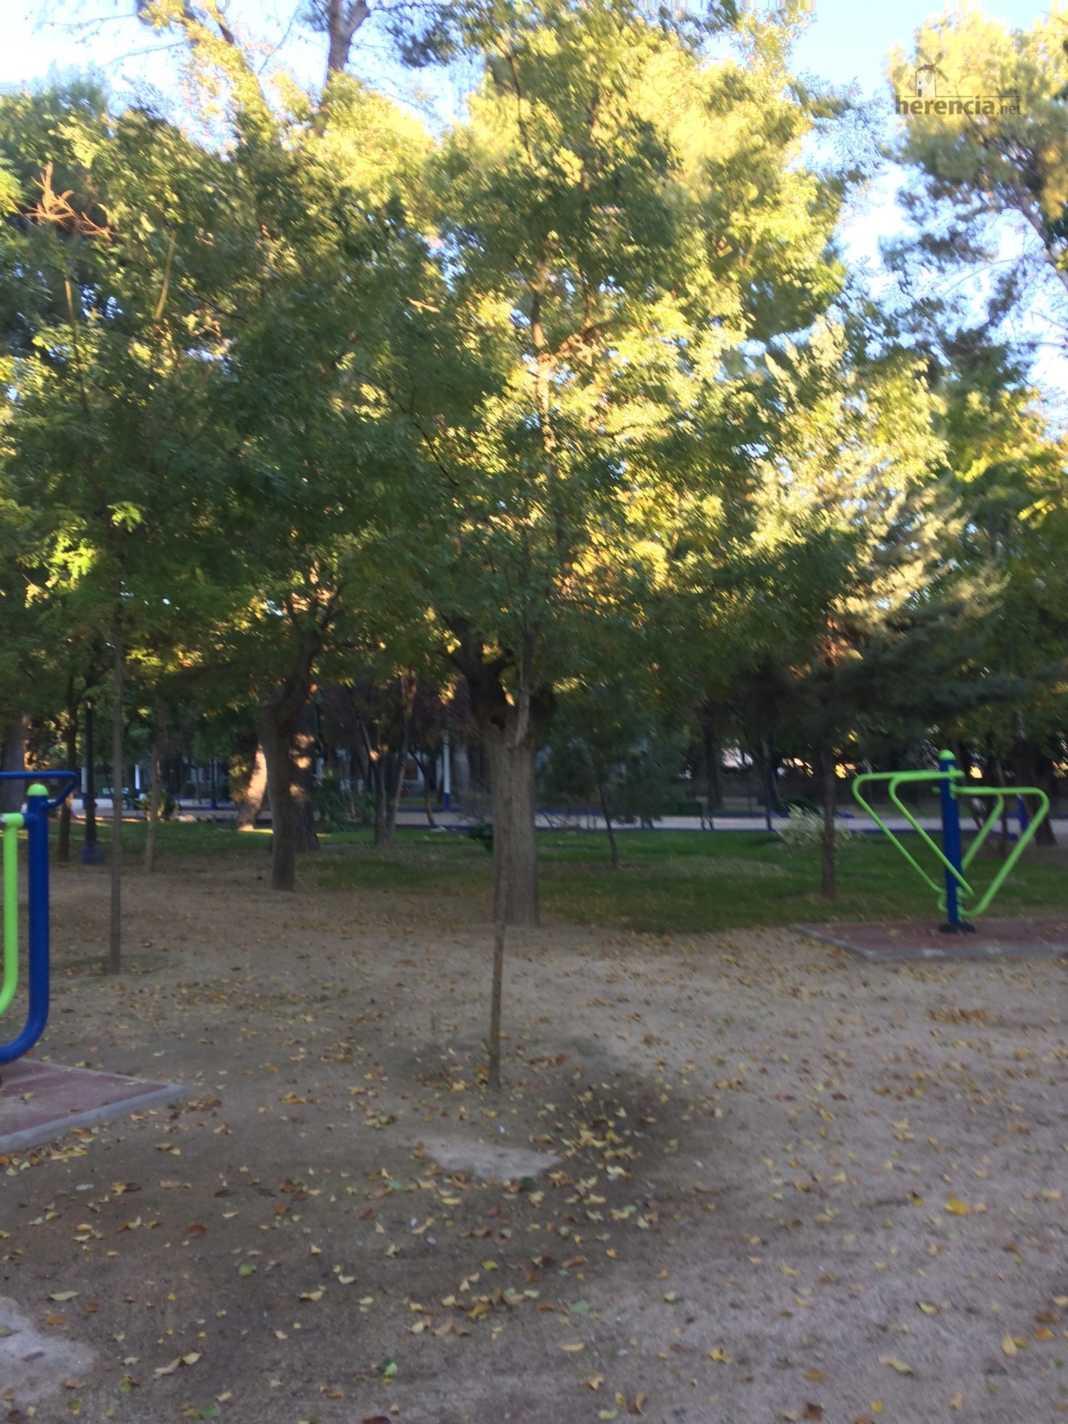 poda de arboles en parque municipal 76 1068x1424 - El parque municipal se cierra debido a los fuertes vientos